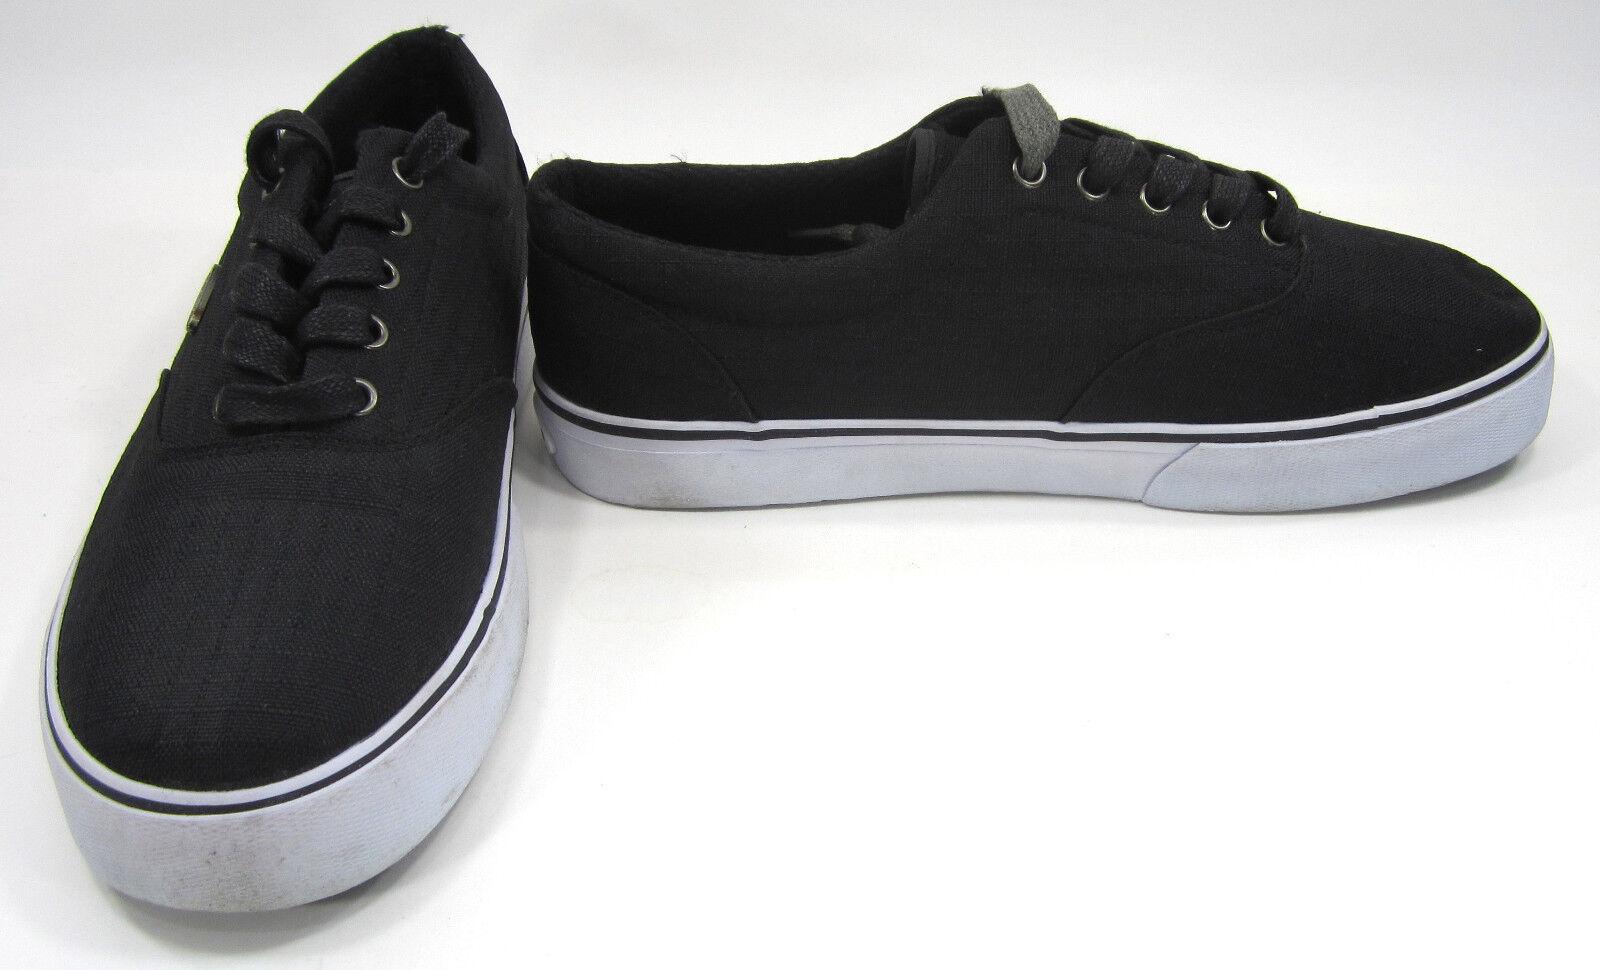 Lugz stivali nero / bianco / carbone veterinario ripstop scarpe taglia 9